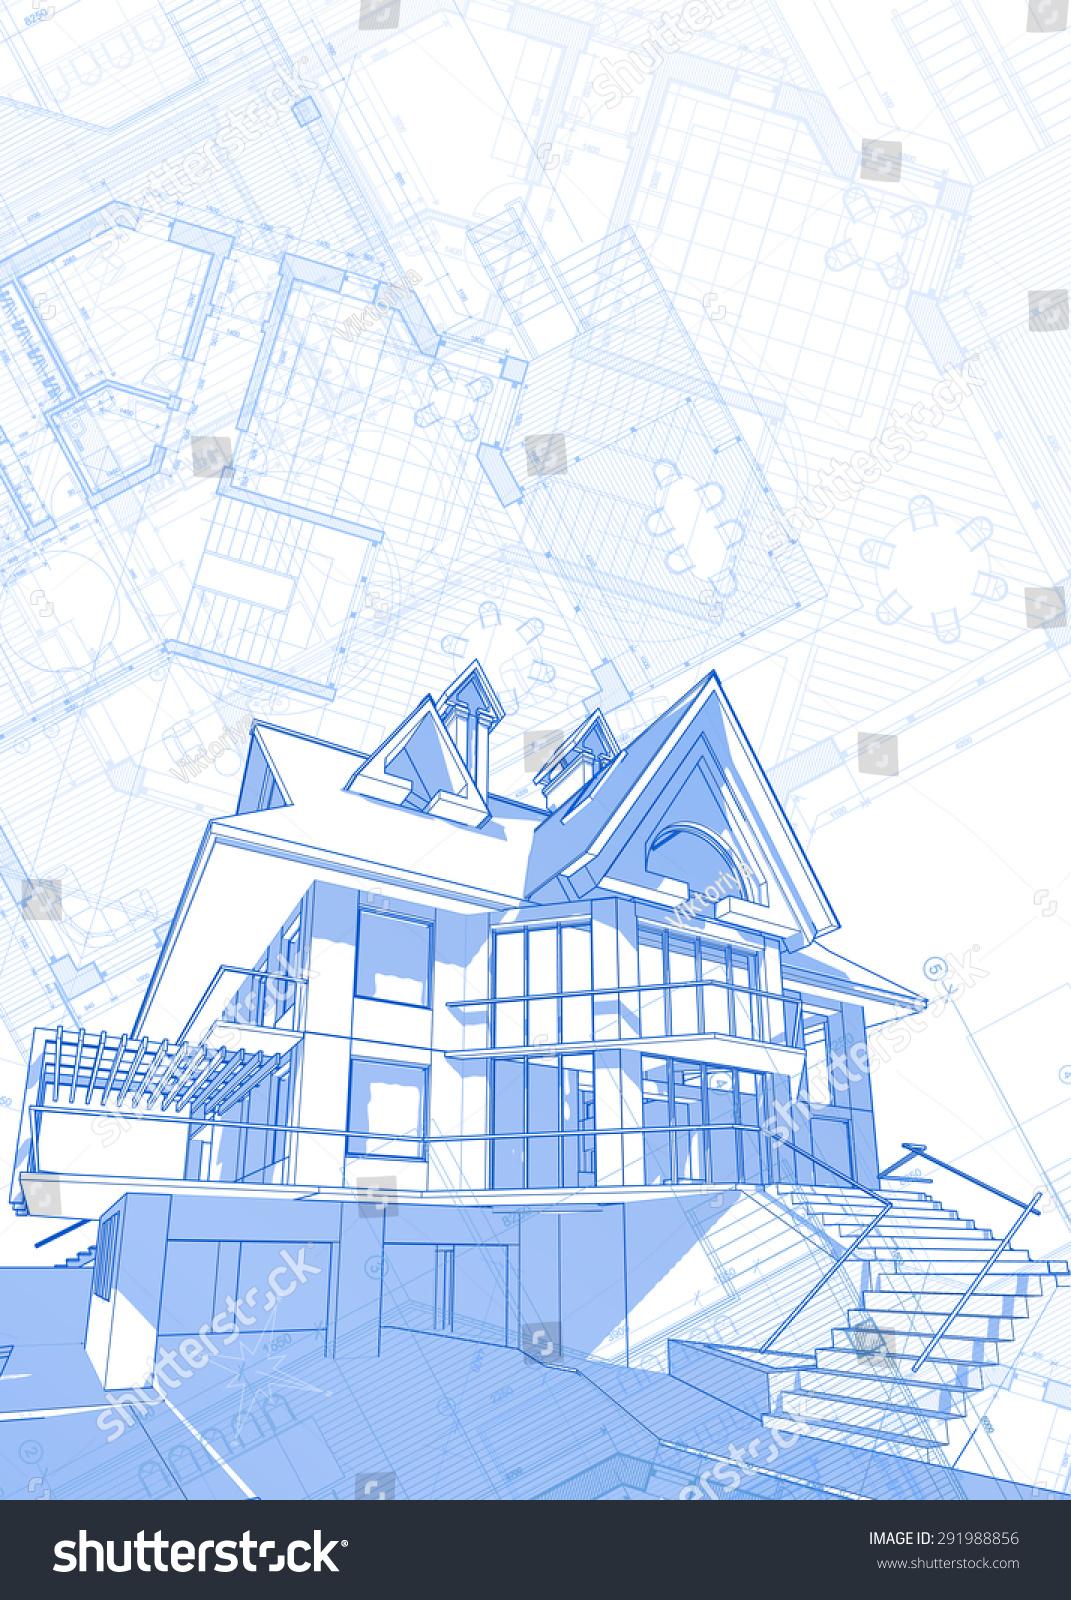 Architecture Design Blueprint House Plans Illustration